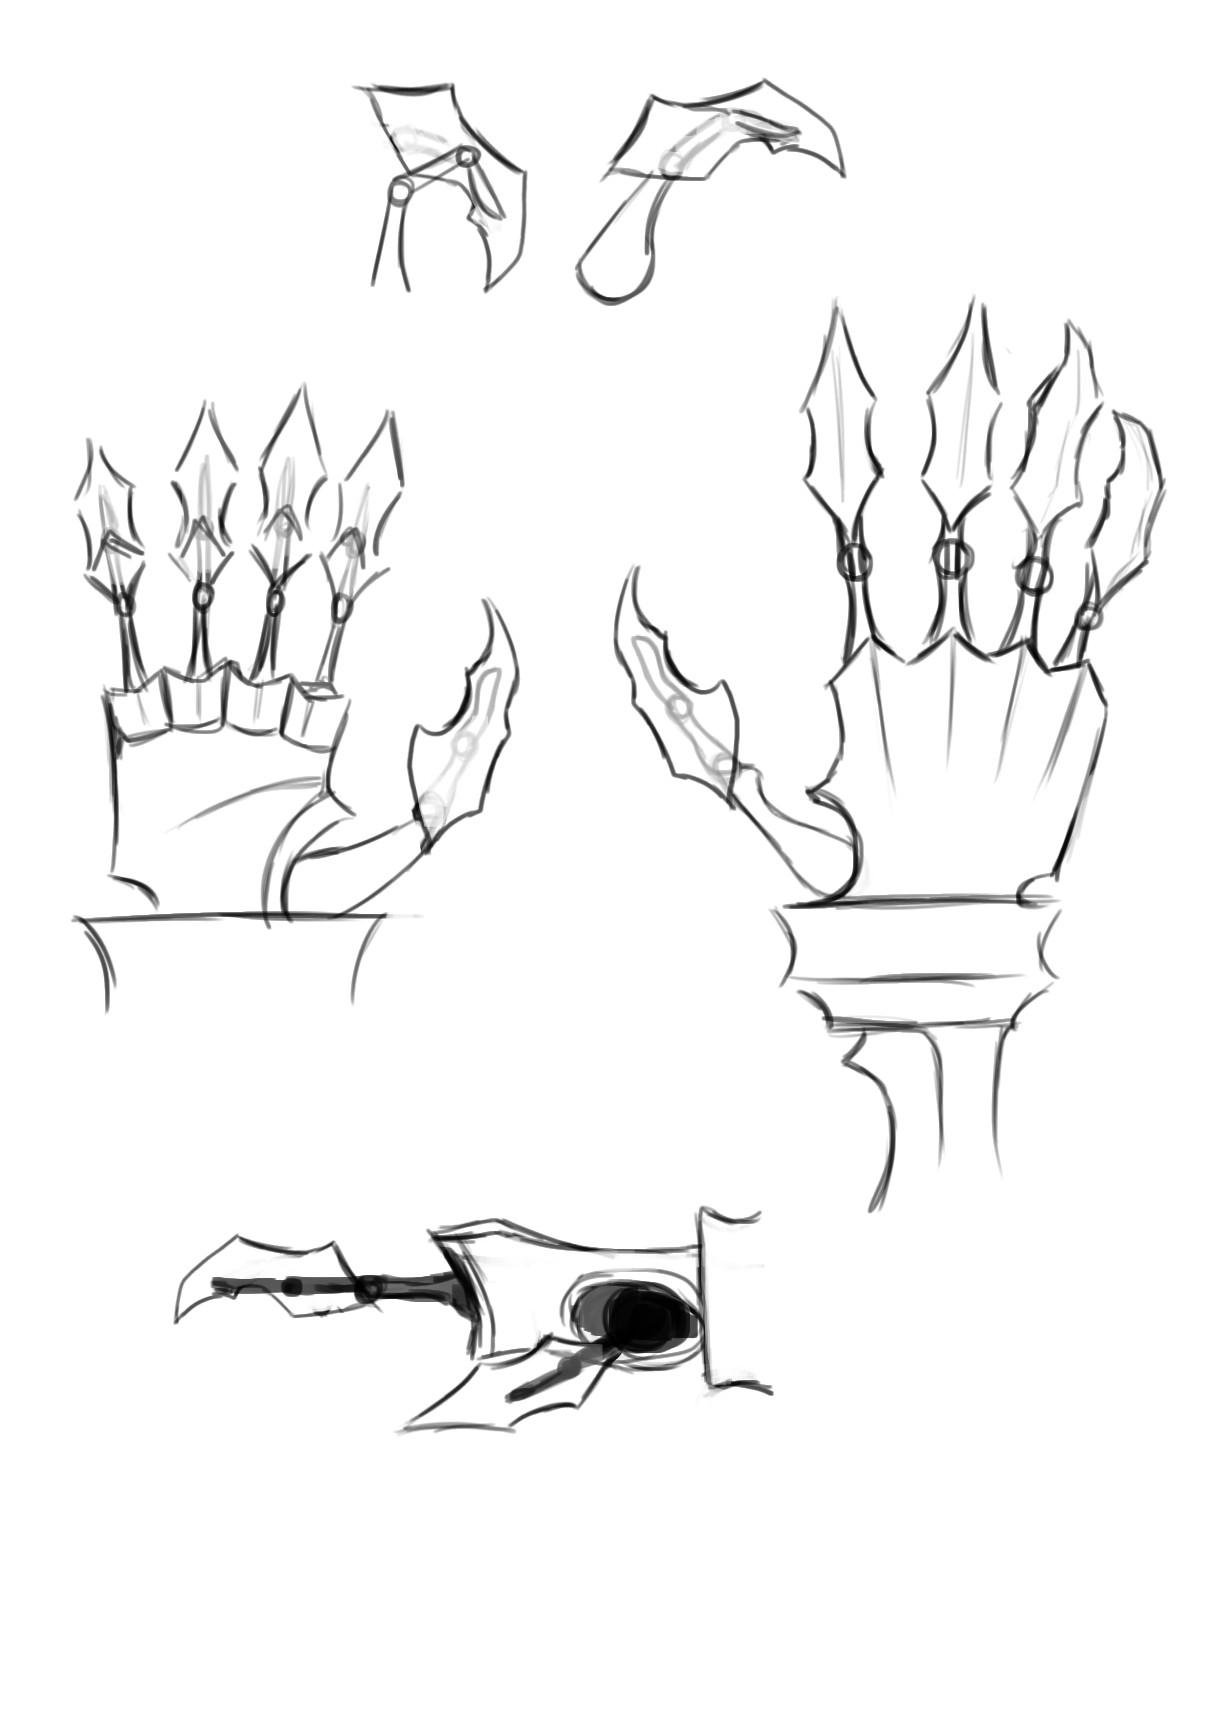 Mech Hand Concept